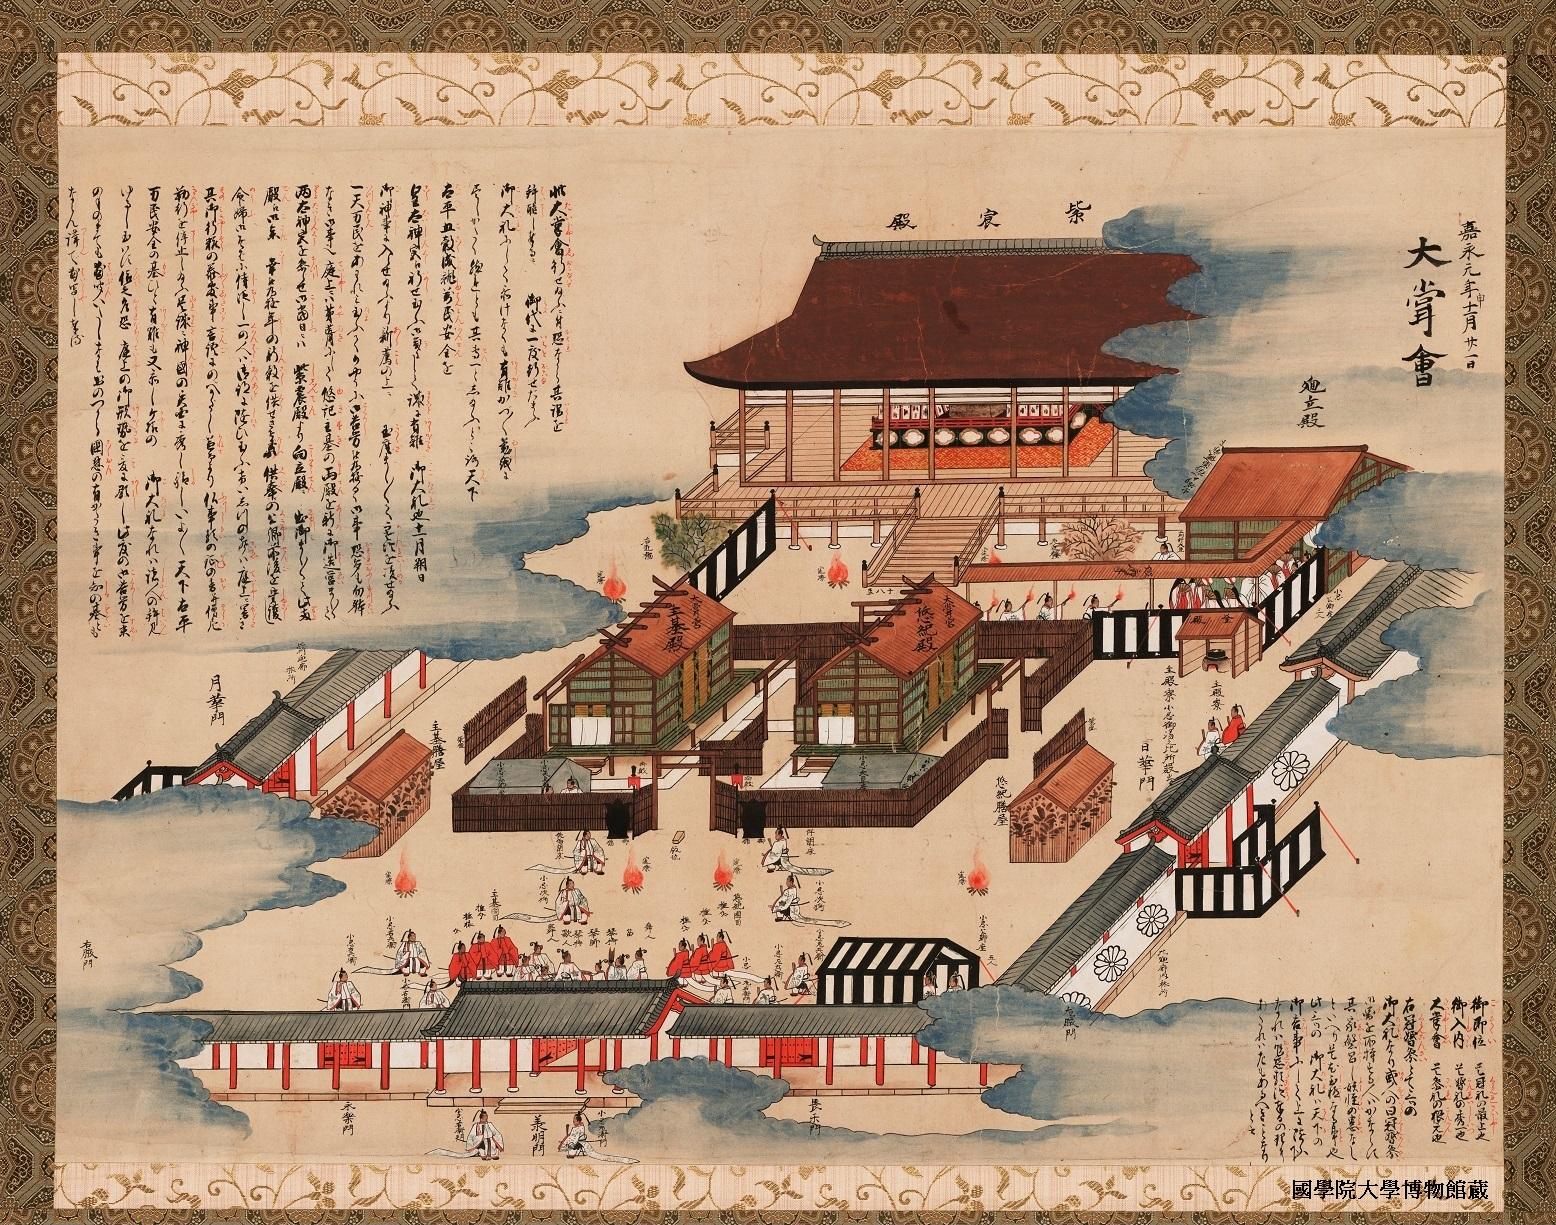 「嘉永元年大嘗会図」(国学院大学博物館蔵)